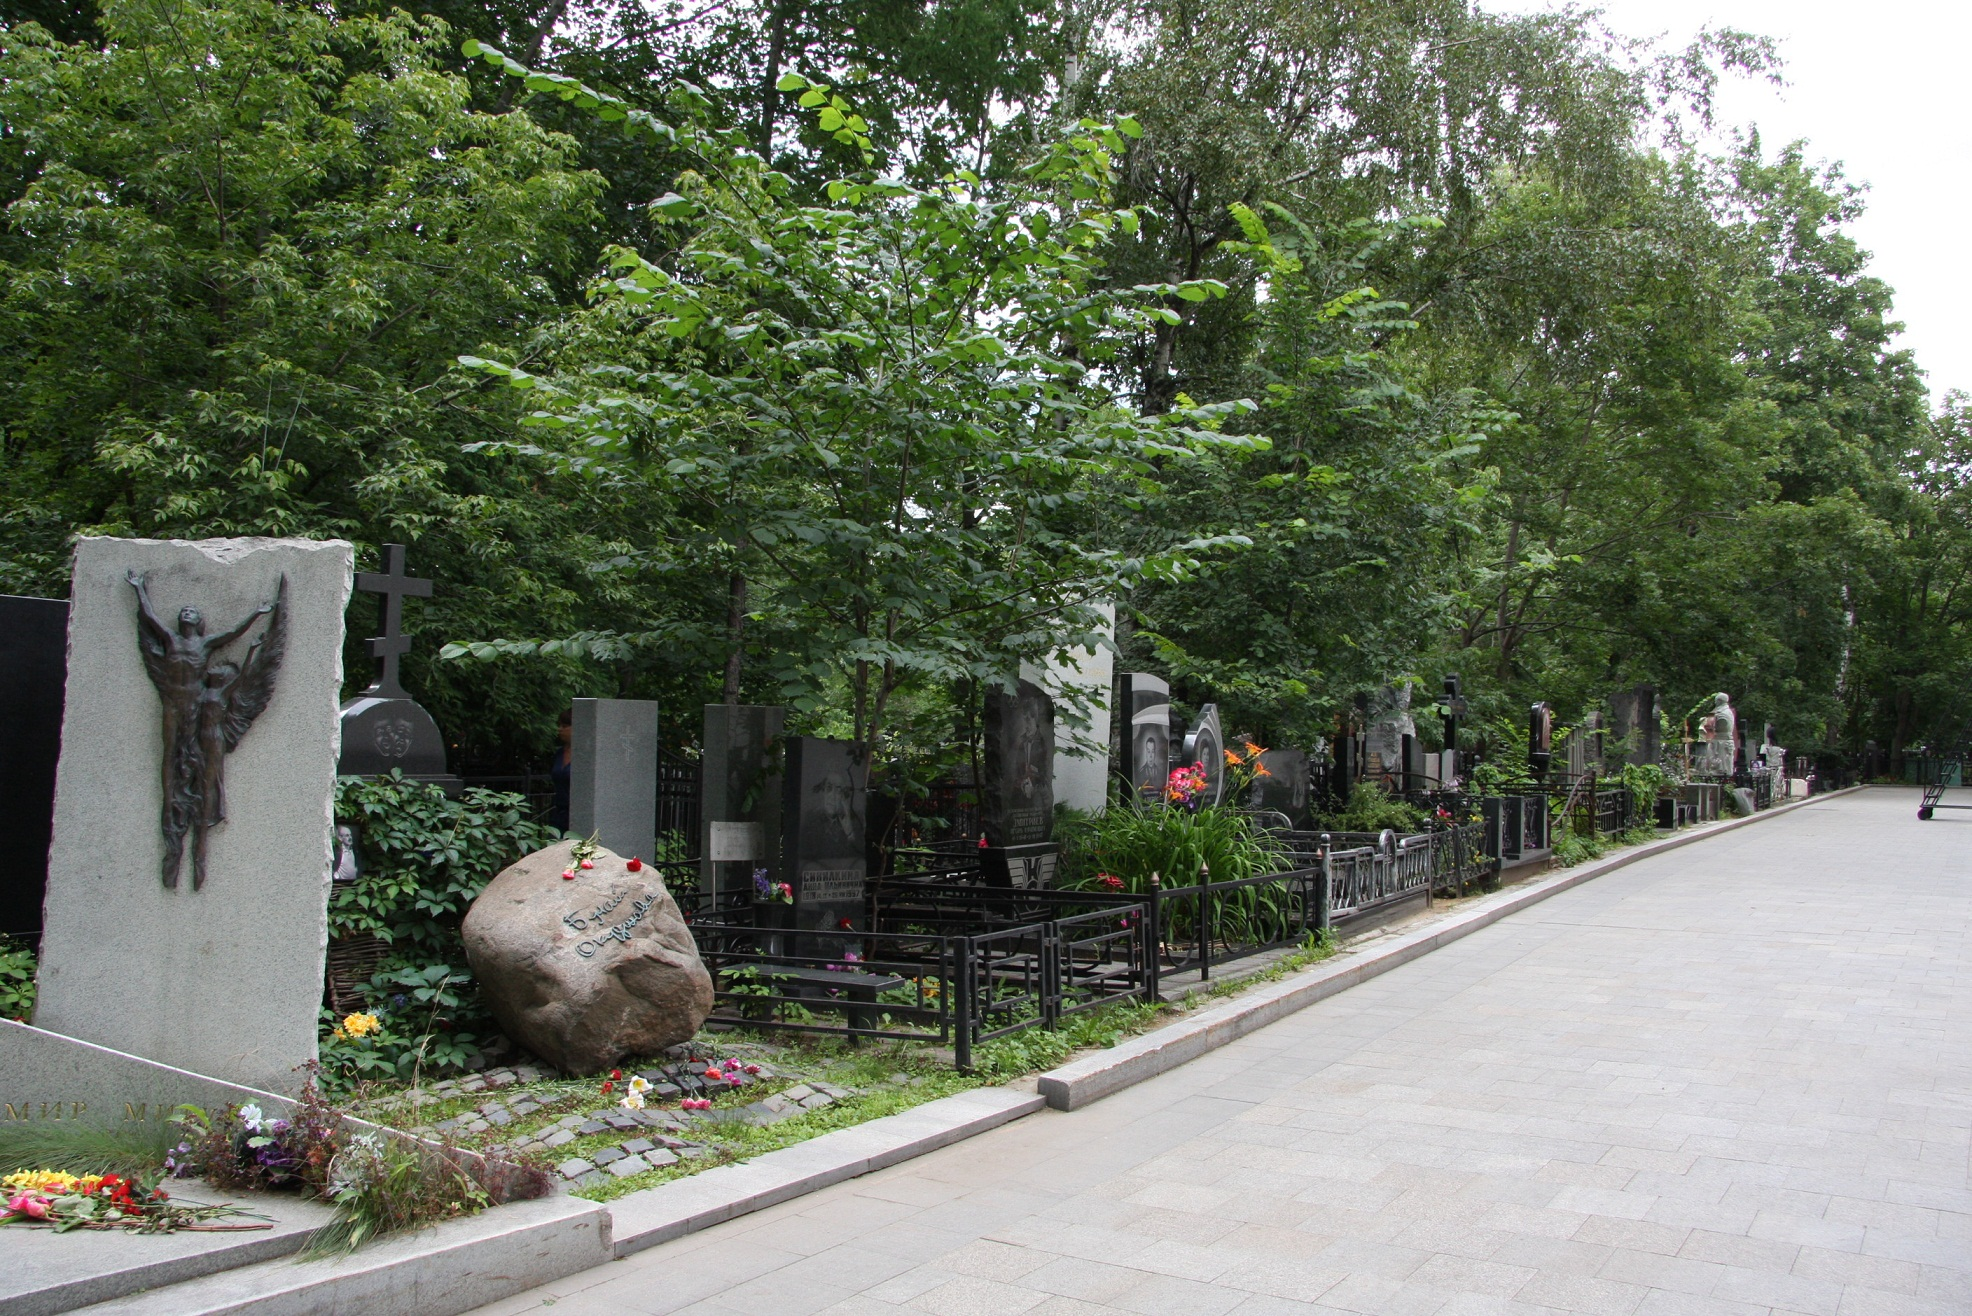 Vagan'kovskoe Cemetery